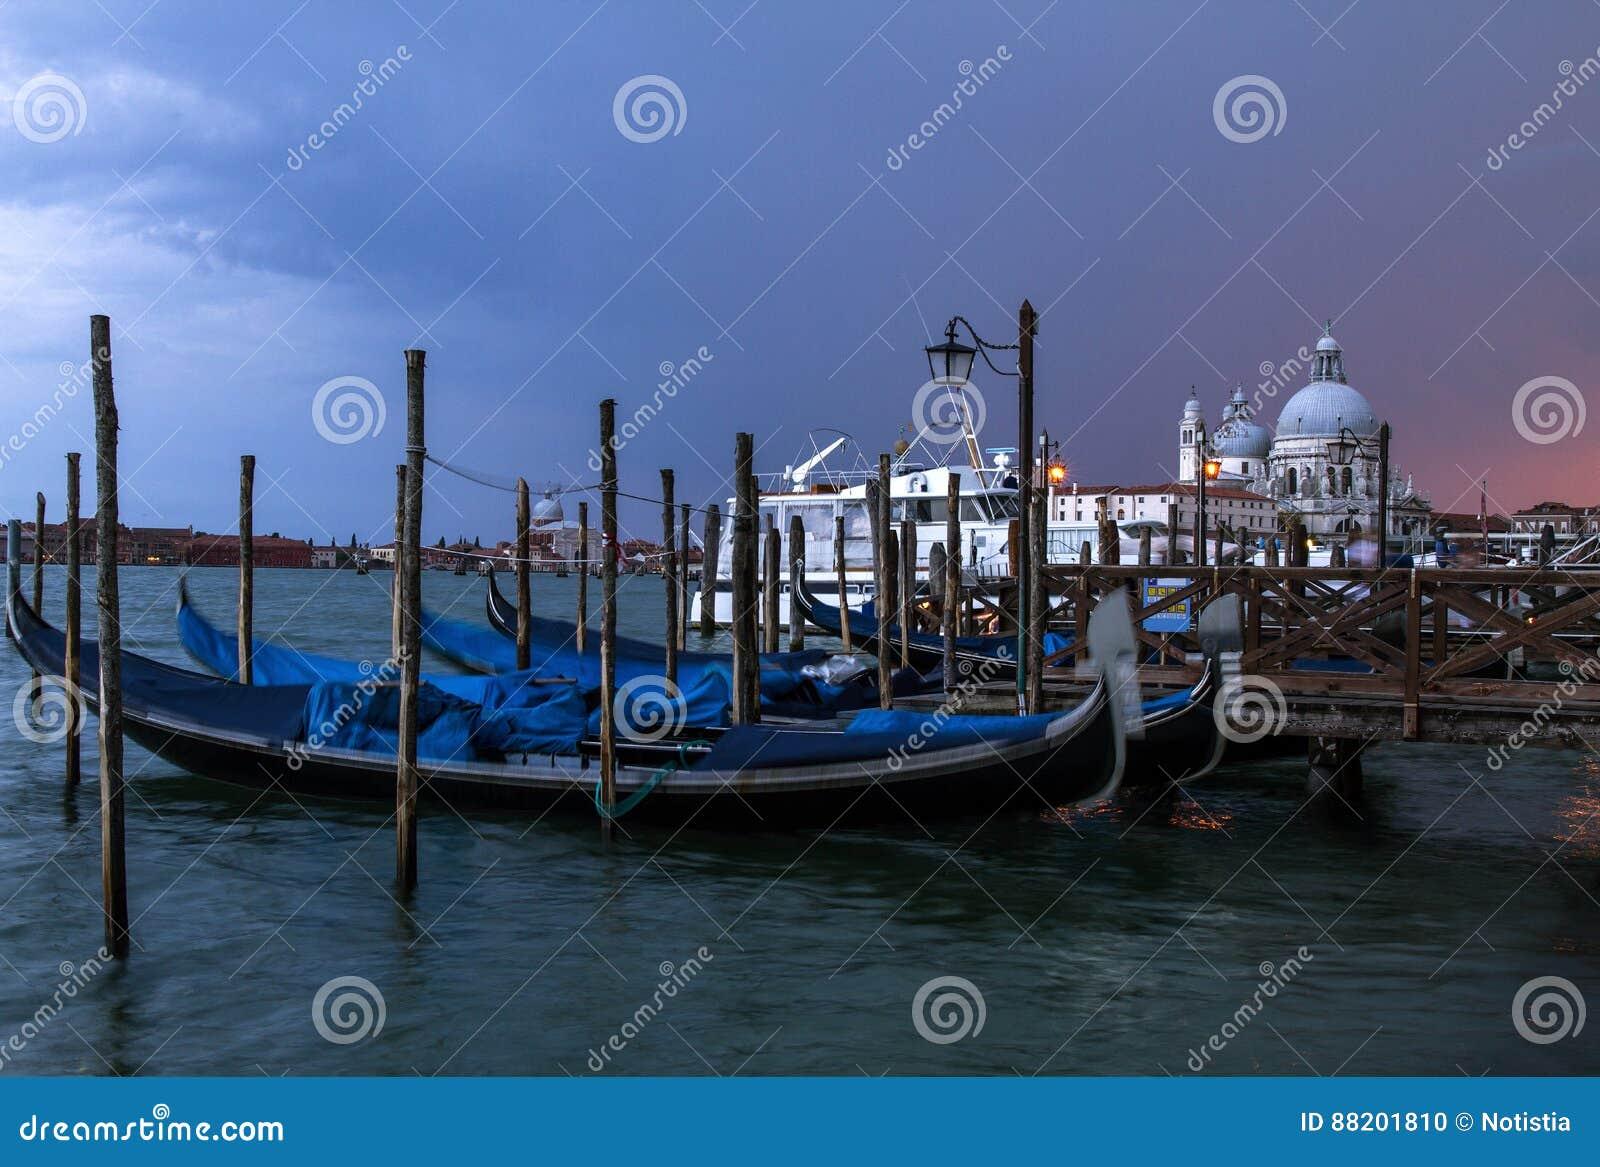 View of traditional Gondolas on Canal Grande with Basilica di Santa Maria della Salute church a cloudy evening . Venice , It